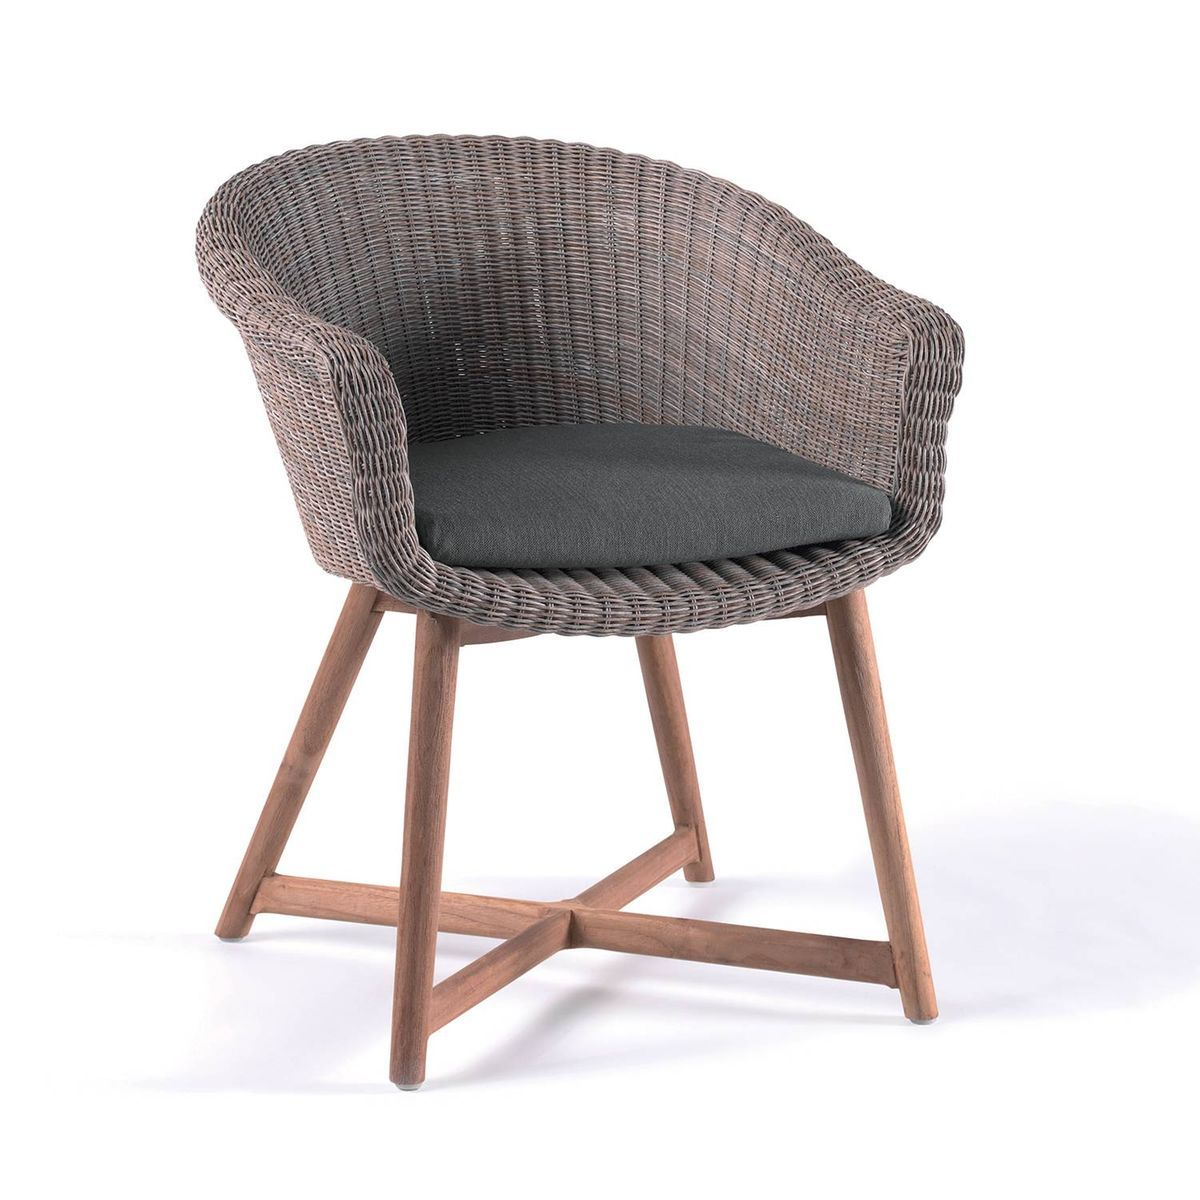 Fauteuil De Table En Resine Tressee Brun Chine Galveston Fauteuil De Table Chaise De Bureau Confortable Et Fauteuil